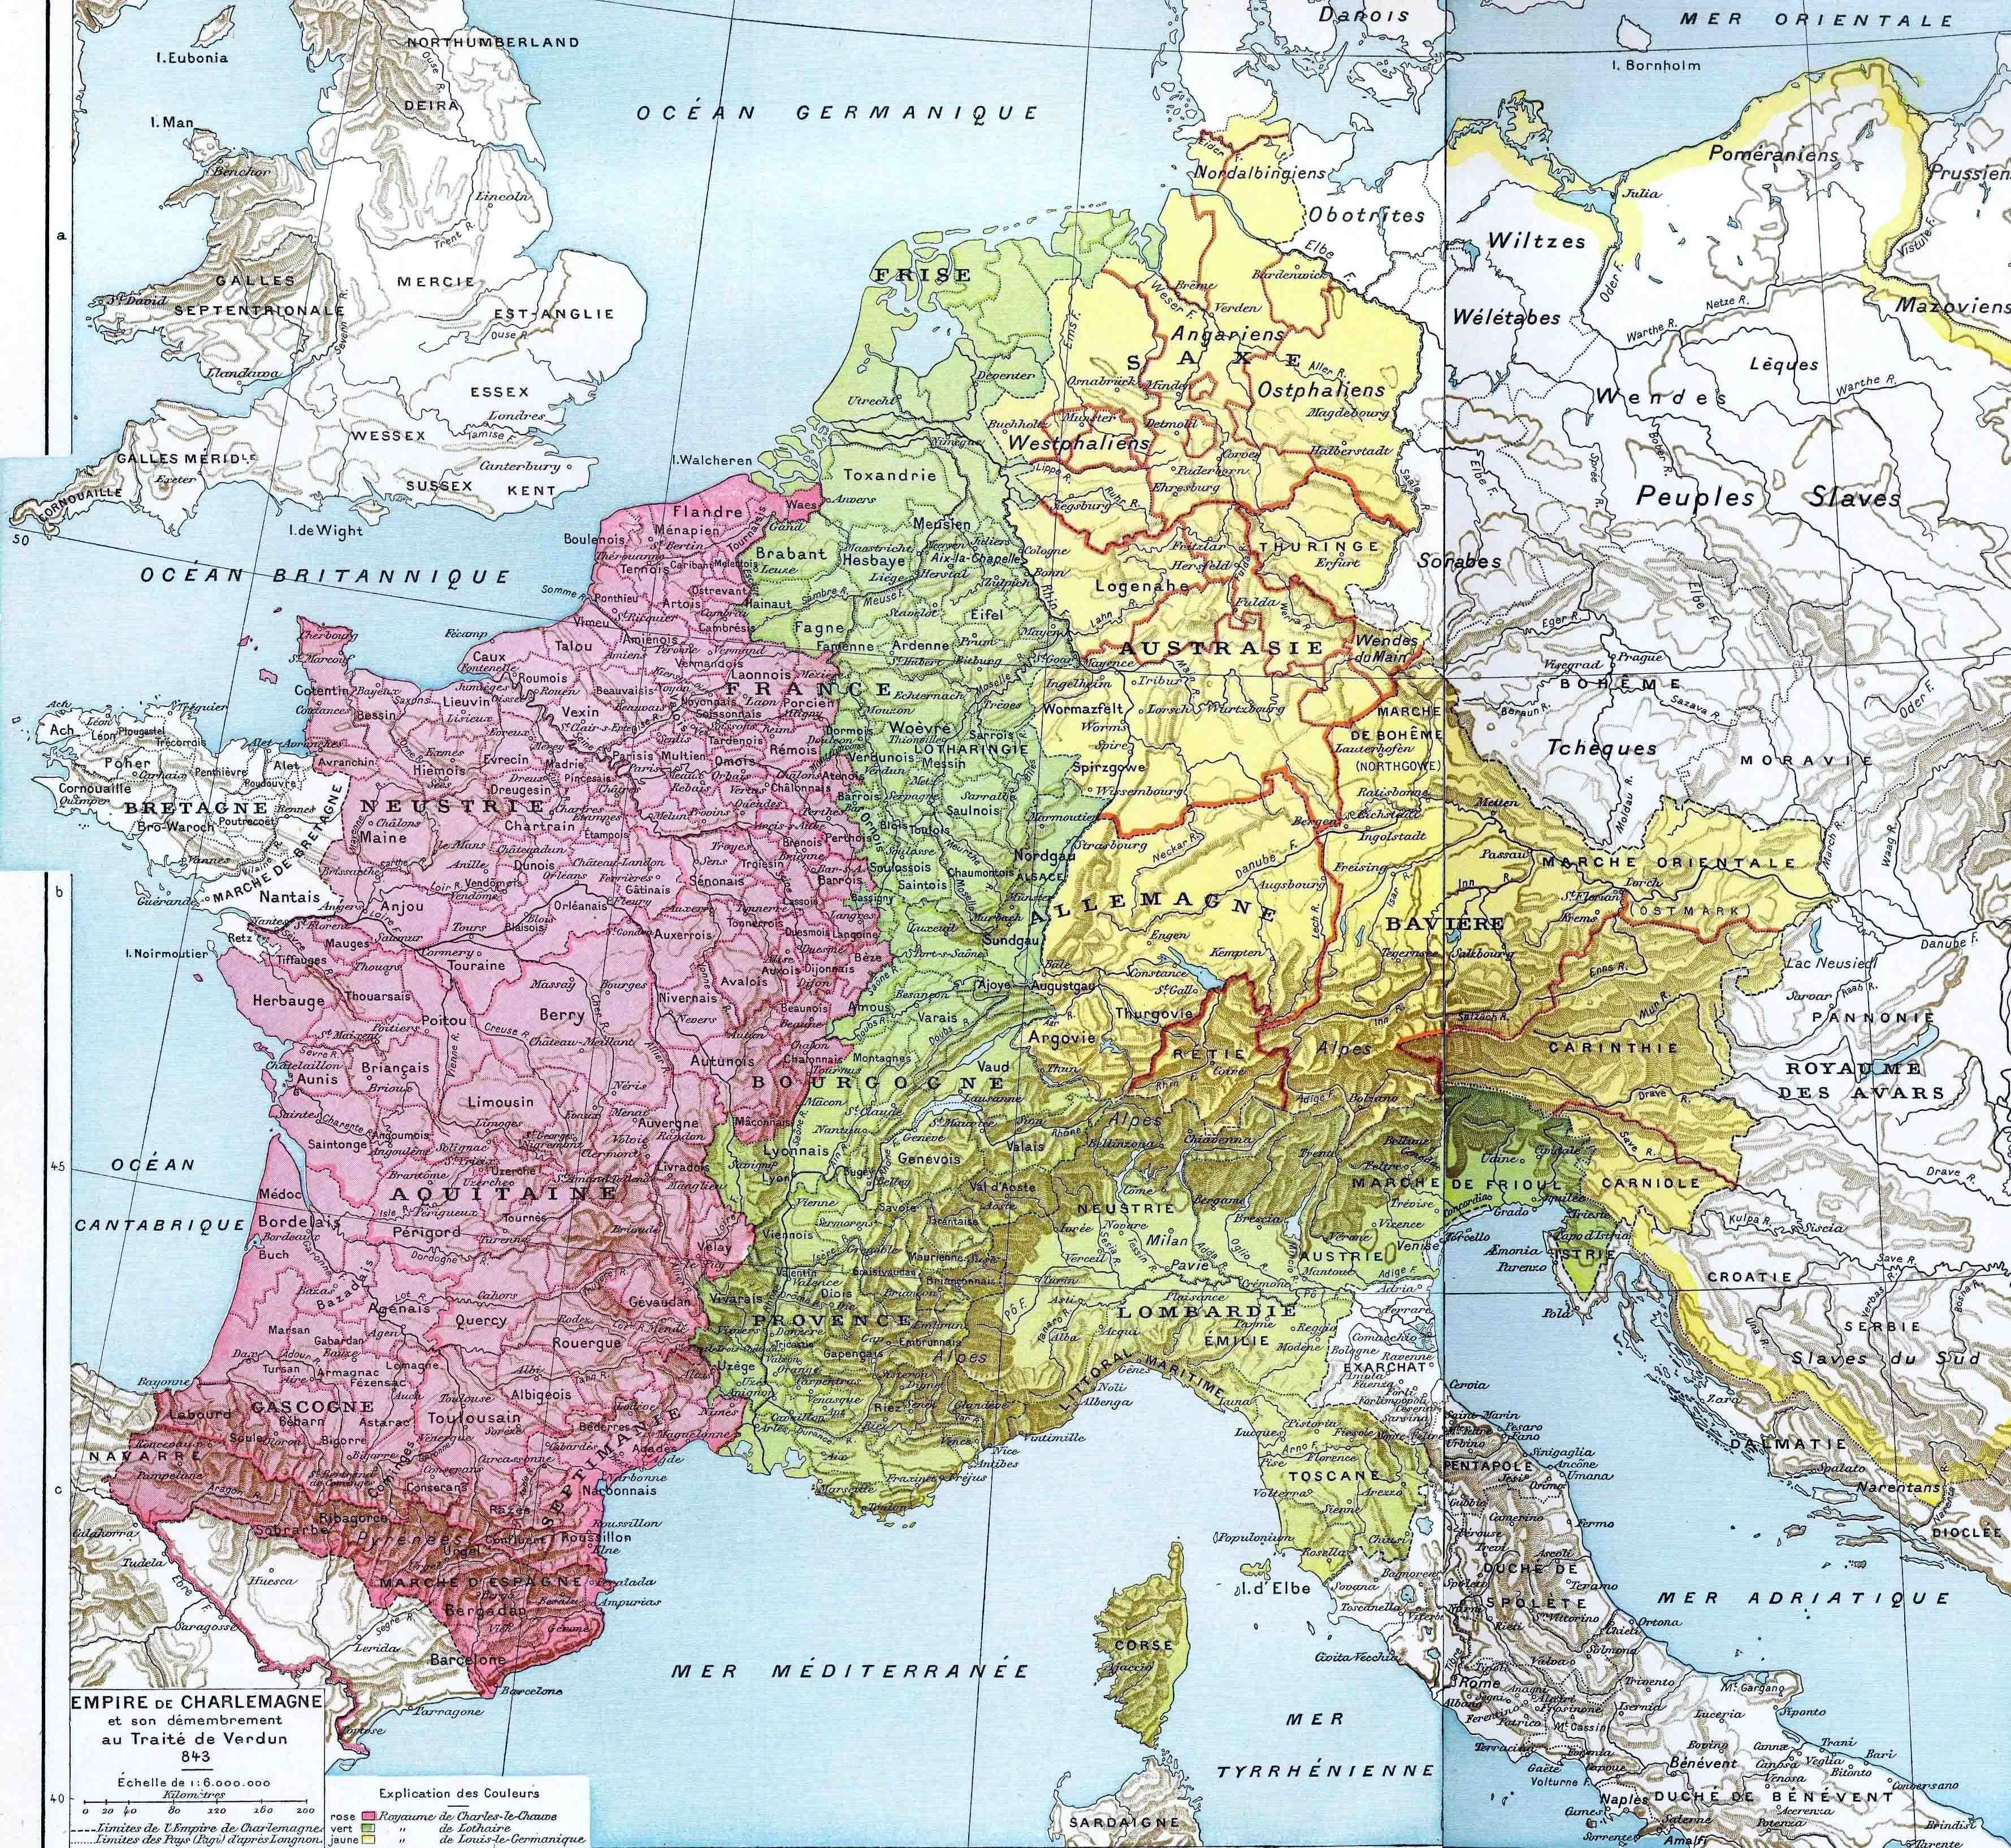 partage_de_l_empire_carolingien_au_traite_de_verdun_en_843.JPG